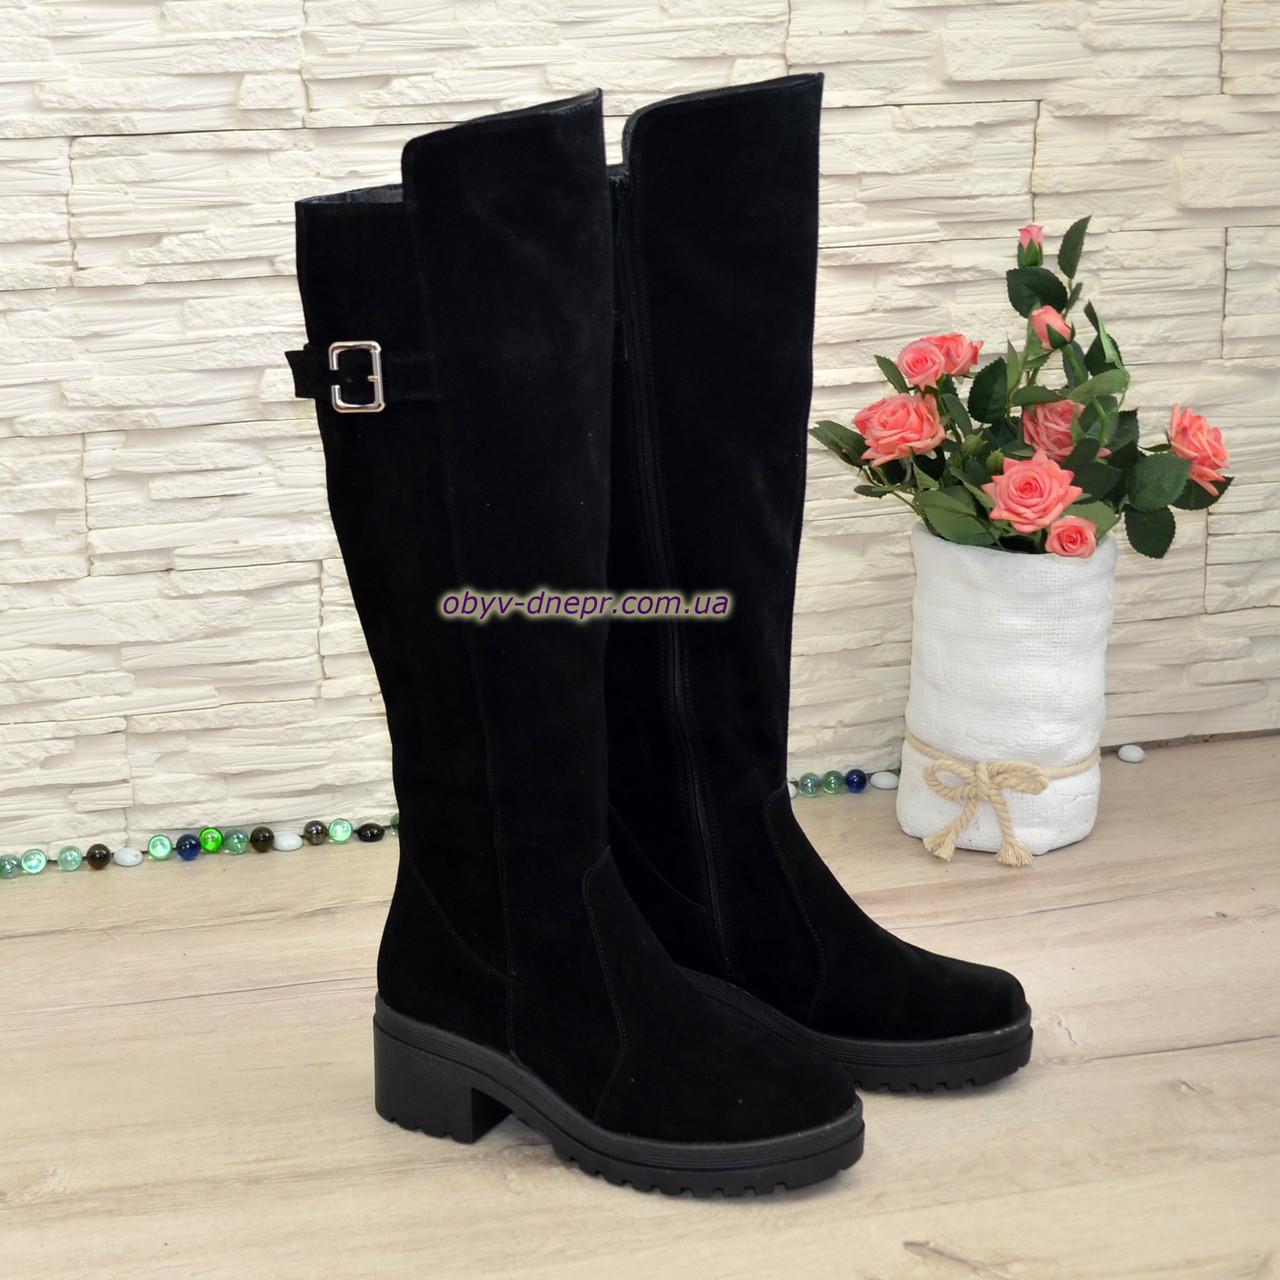 Сапоги черные женские демисезонные замшевые на устойчивом каблуке